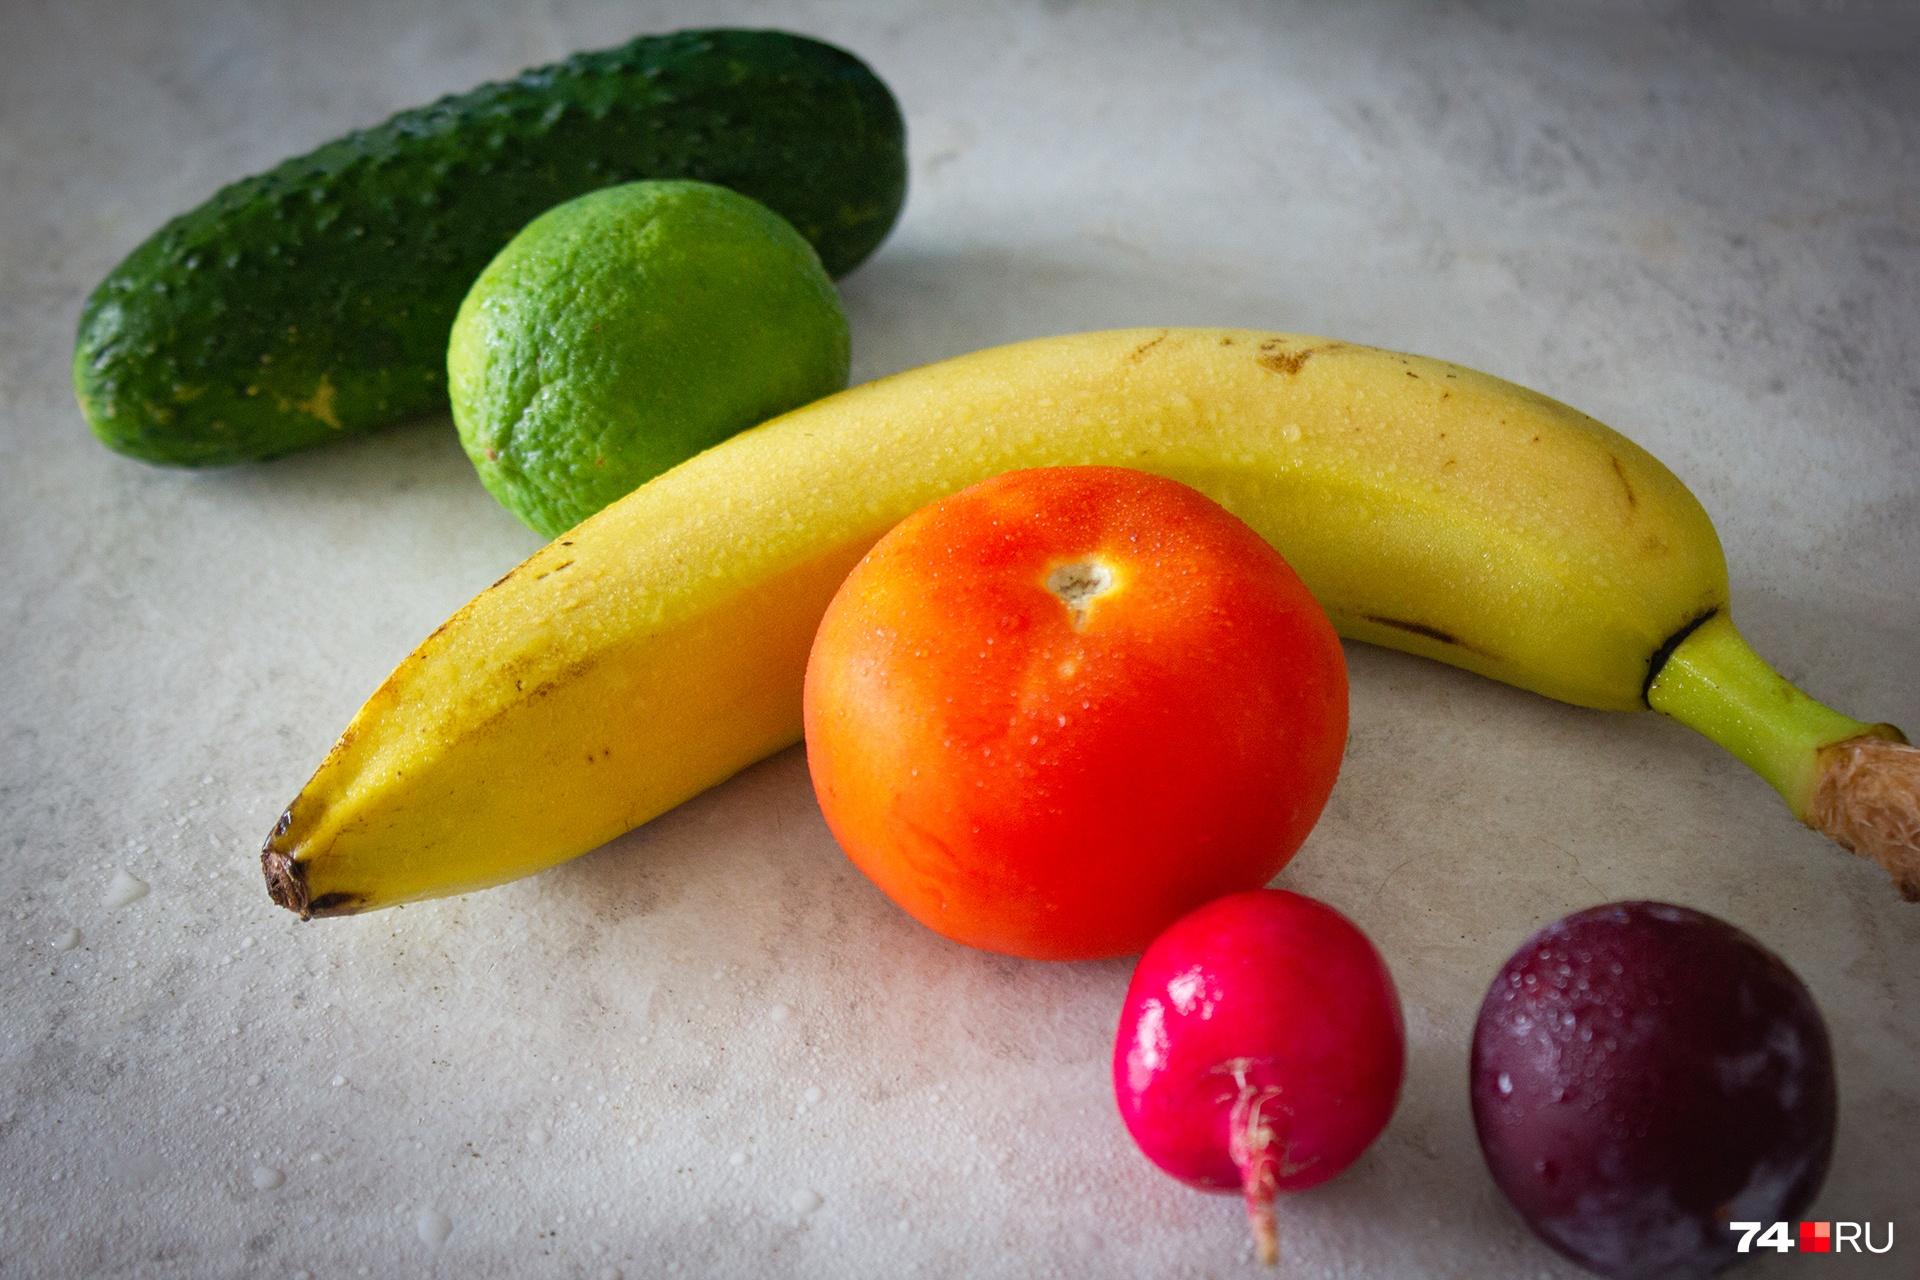 Хотя каждый цвет в продуктах несет в собой отдельную пользу, диетологи рекомендуют соблюдать баланс